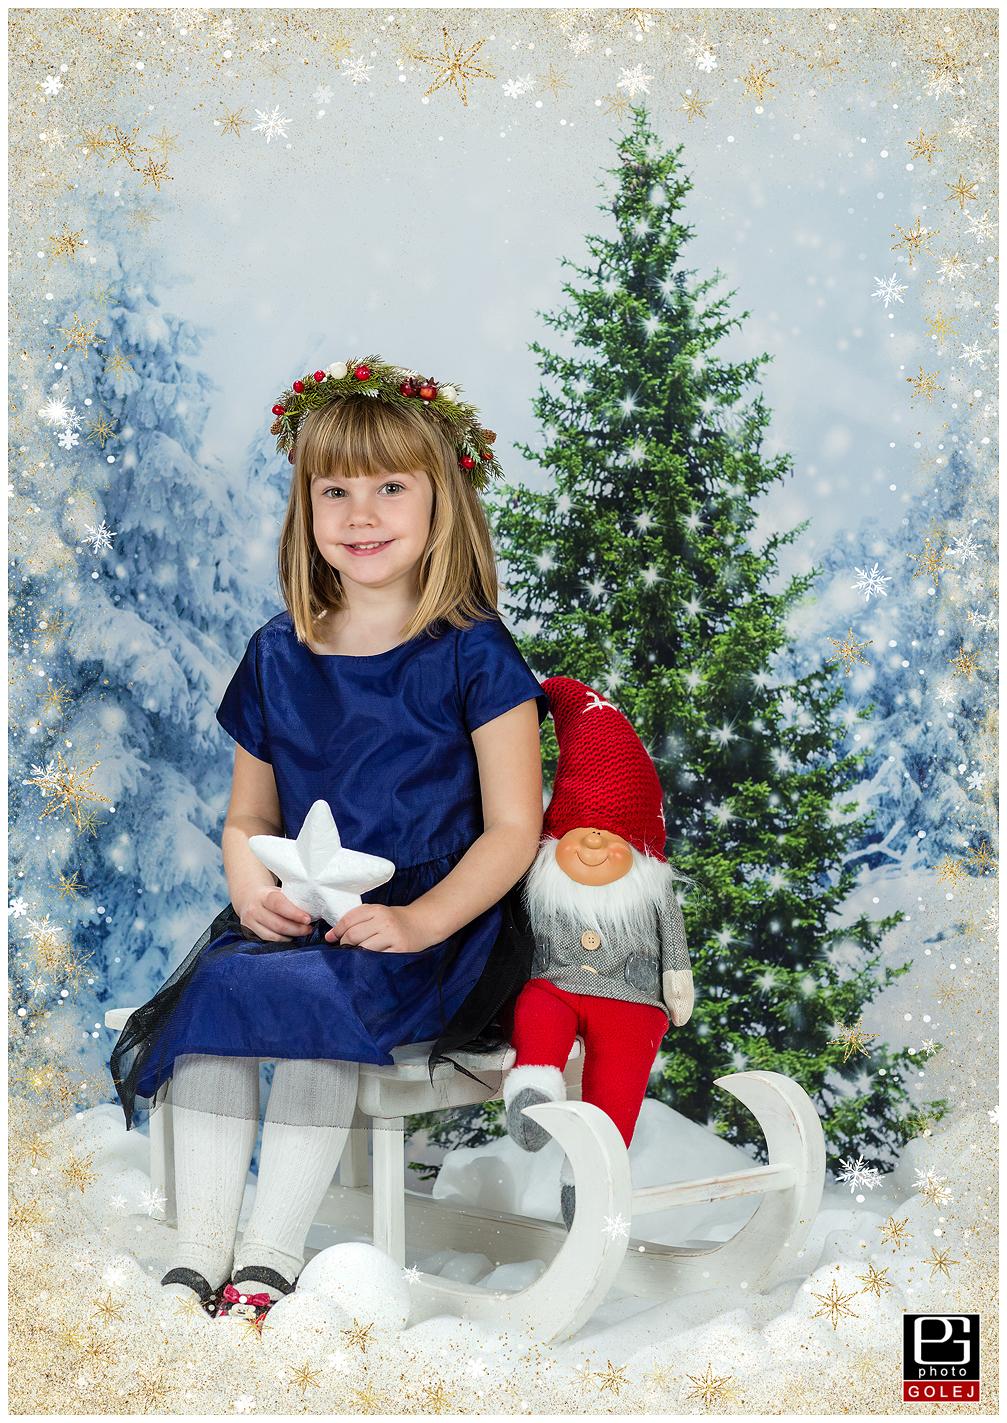 Detskýfotograf